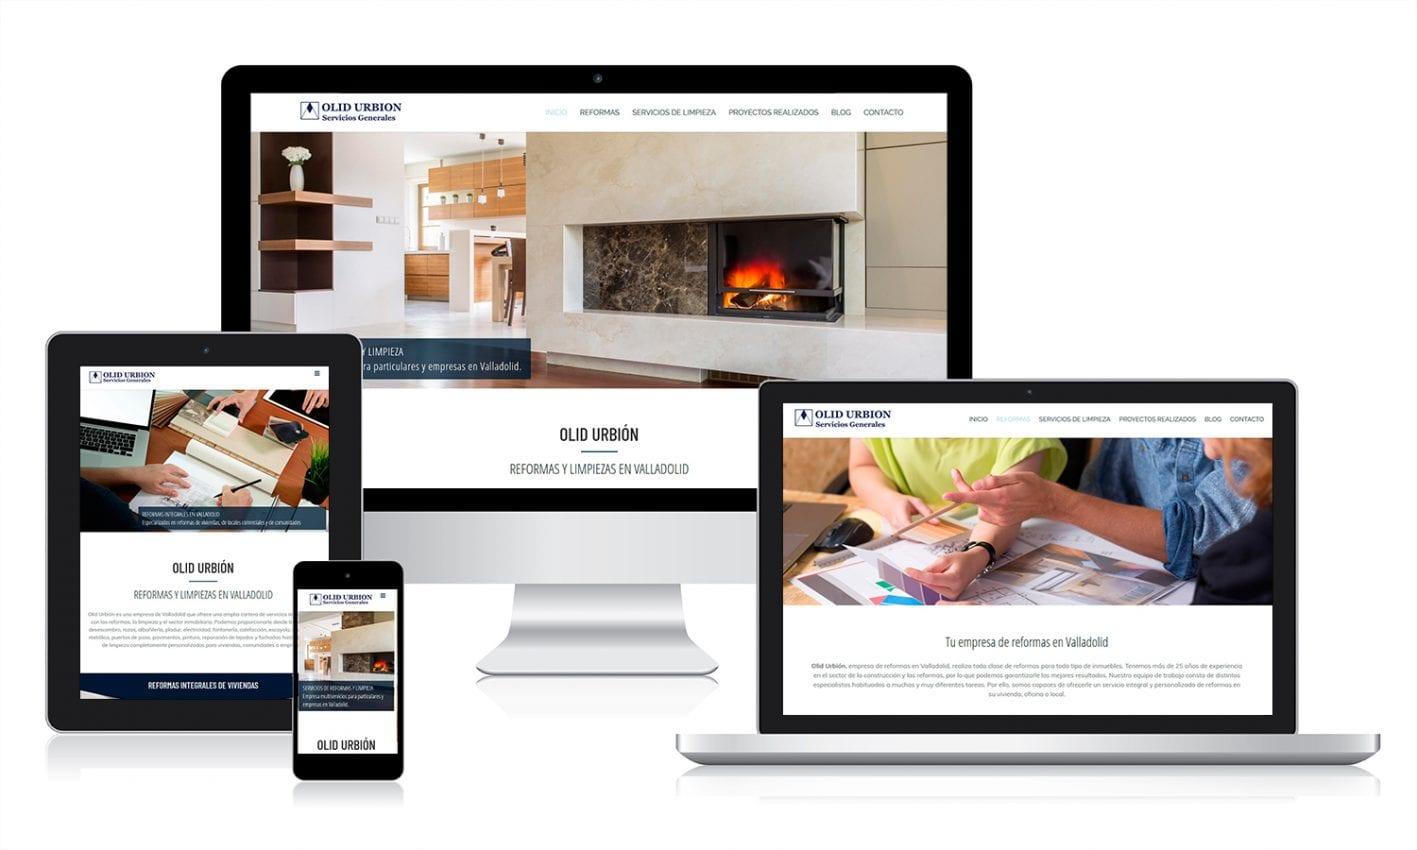 Desarrollo web en WordPress para empresa de reformas